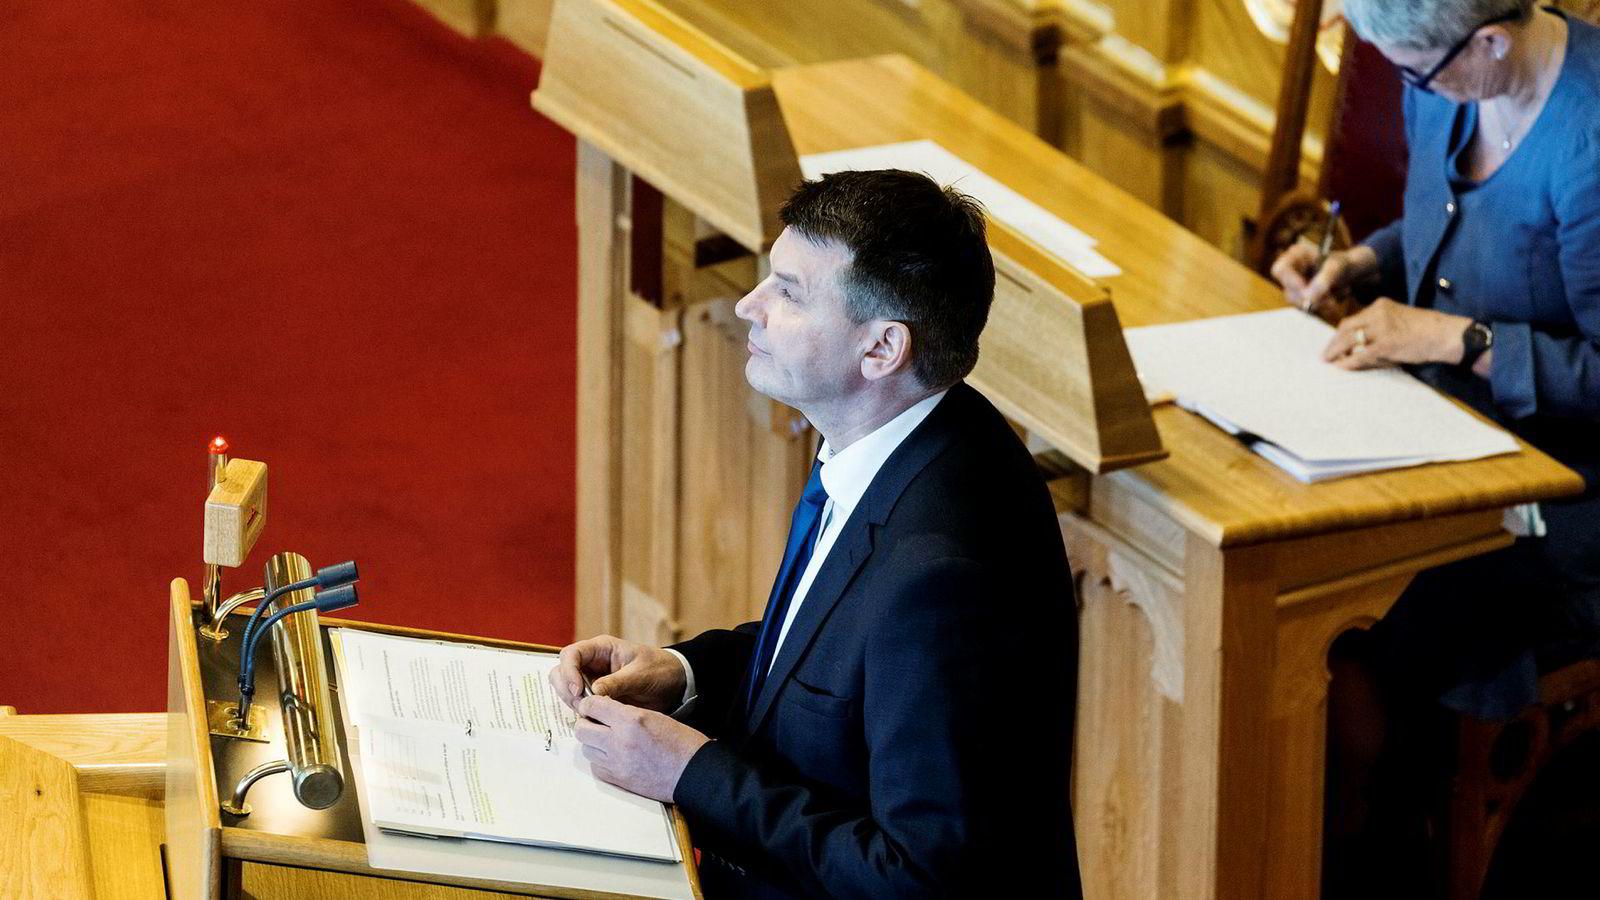 Justisminister Tor Mikkel Wara (Frp) skal ha møter om politiets håndtering av hatkriminalitet, men er ikke enig i kritikken mot regjeringen.